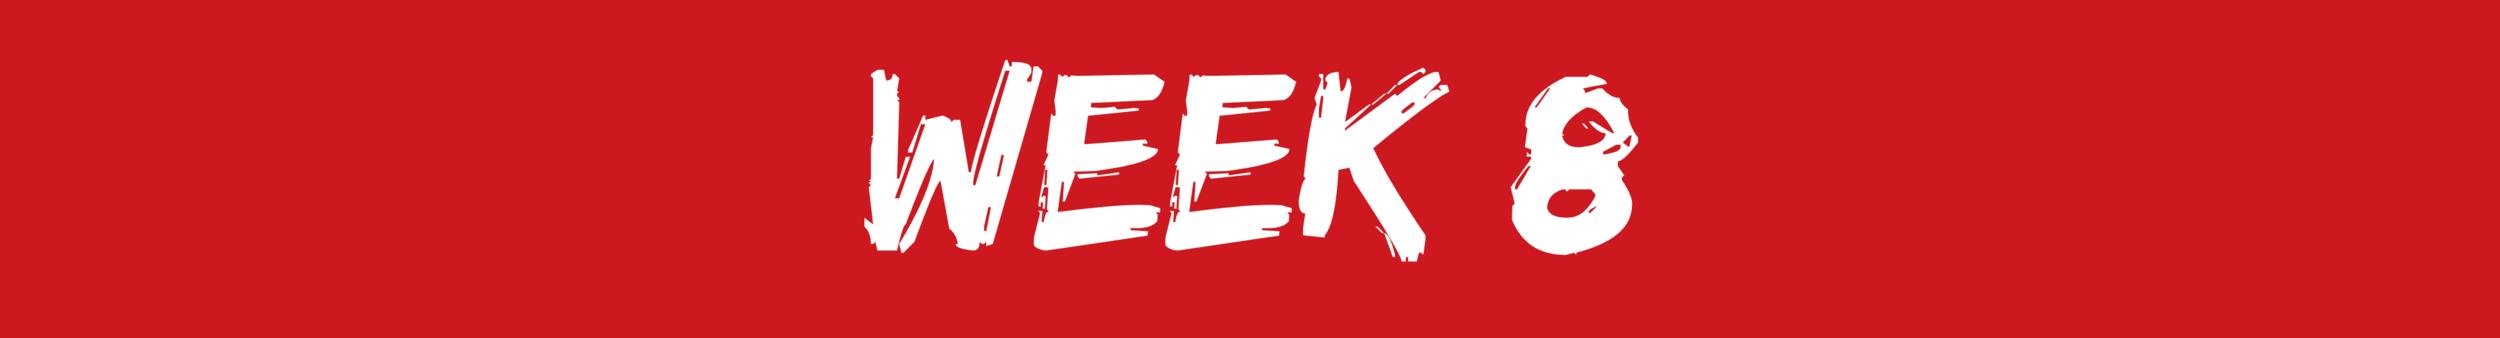 LCA4R week 8.png